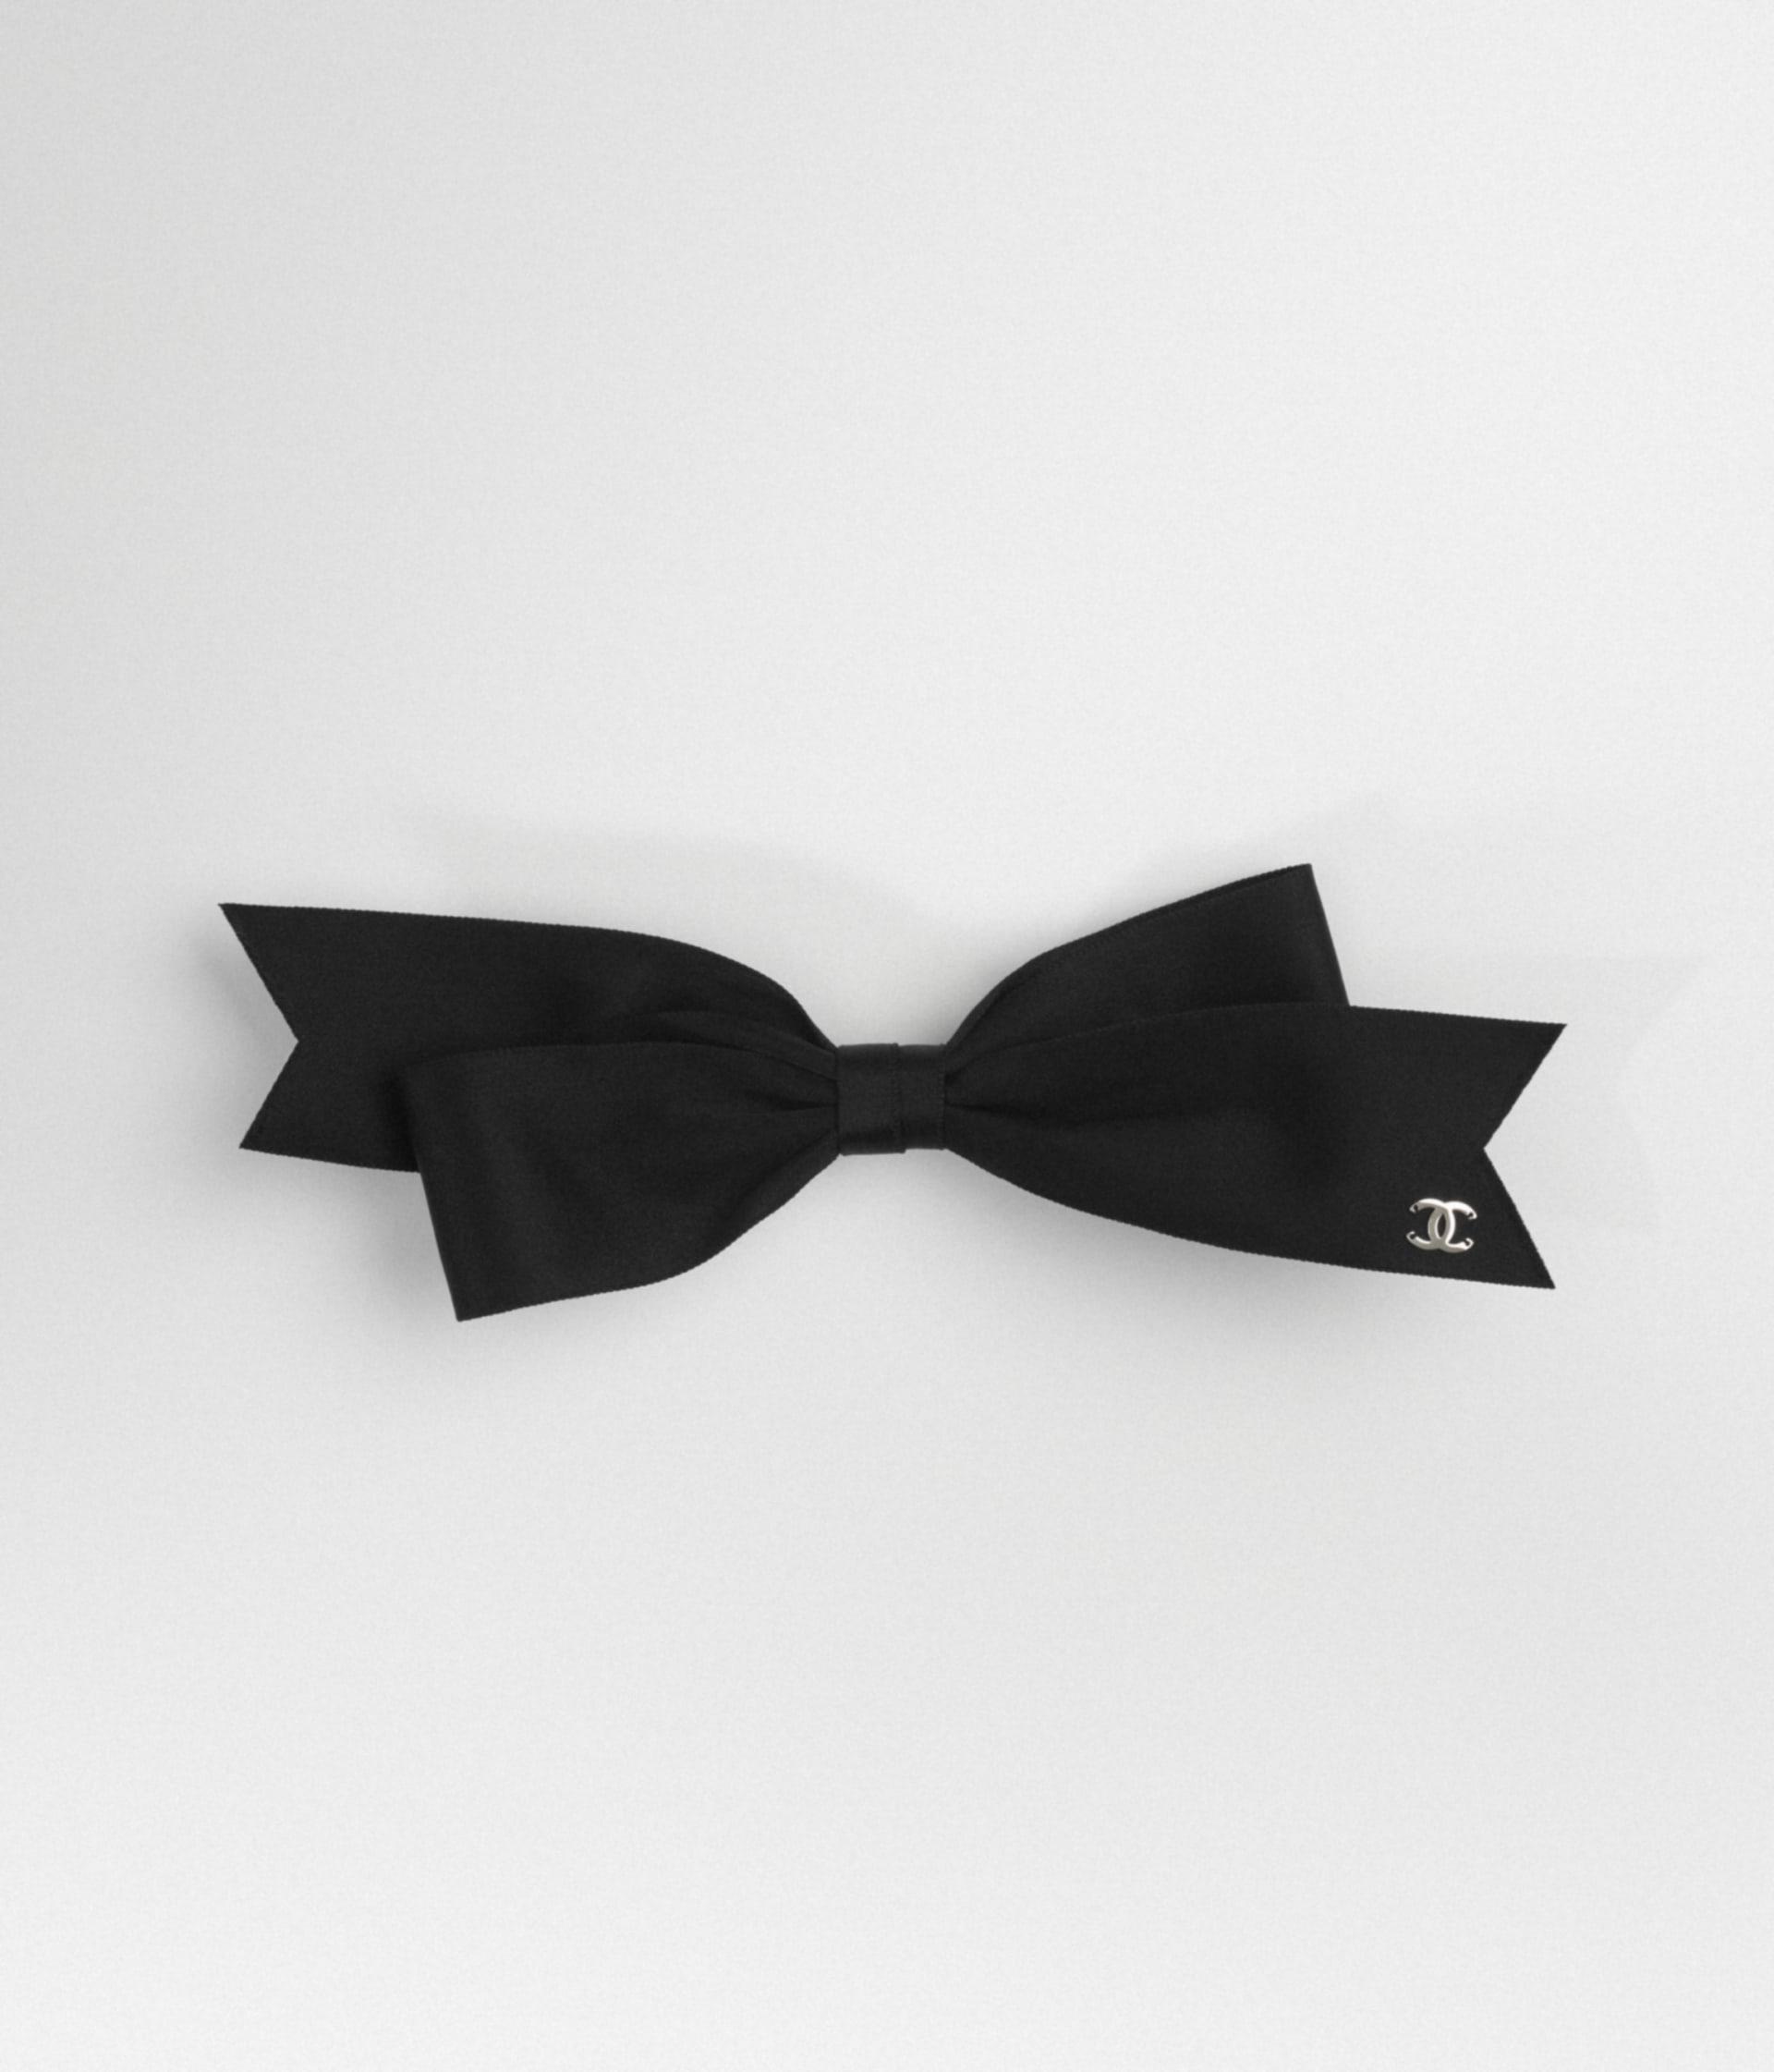 image 1 - Bow Barrette - Satin Ribbon - Black